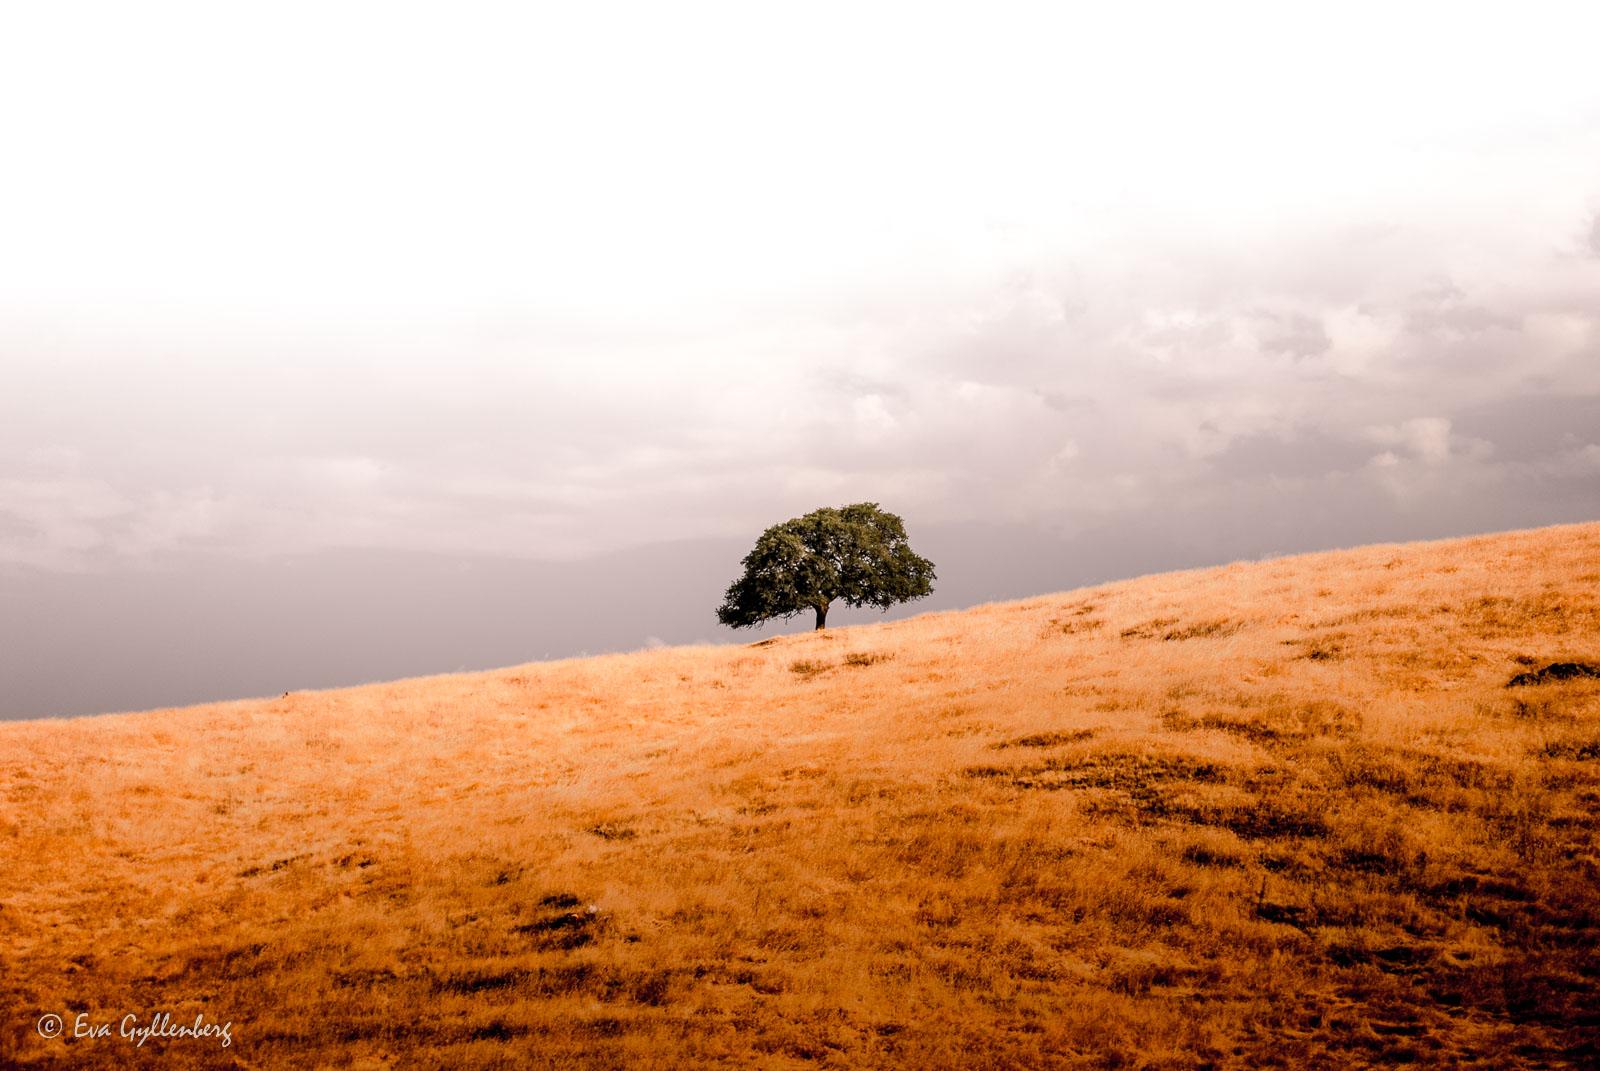 Bildsemester del 1 - Kalifornien i bilder 13